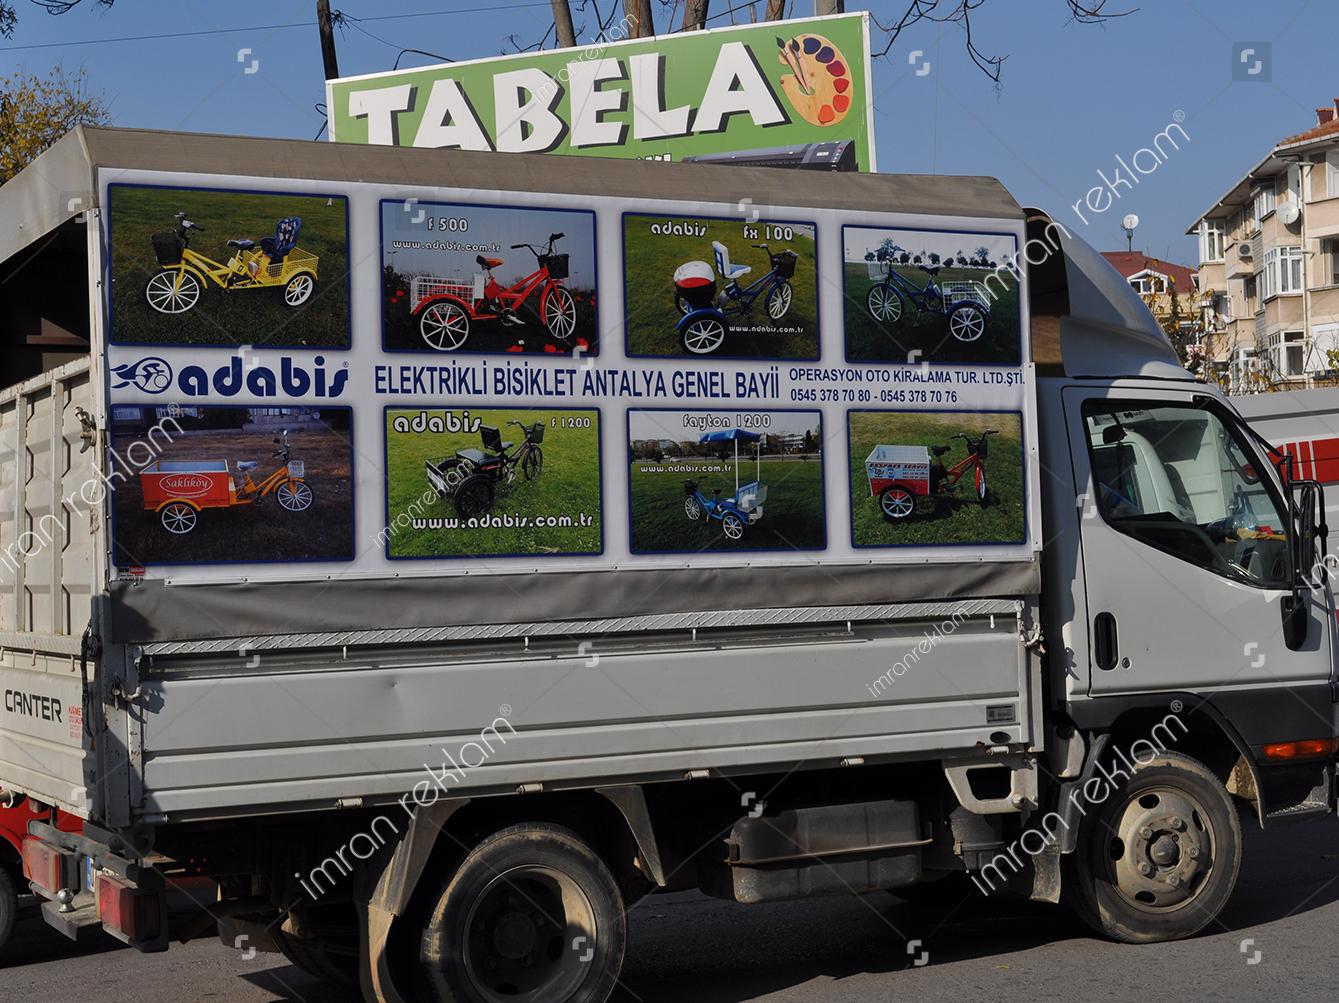 brandali-kamyonet-kasası-reklam-giydirme